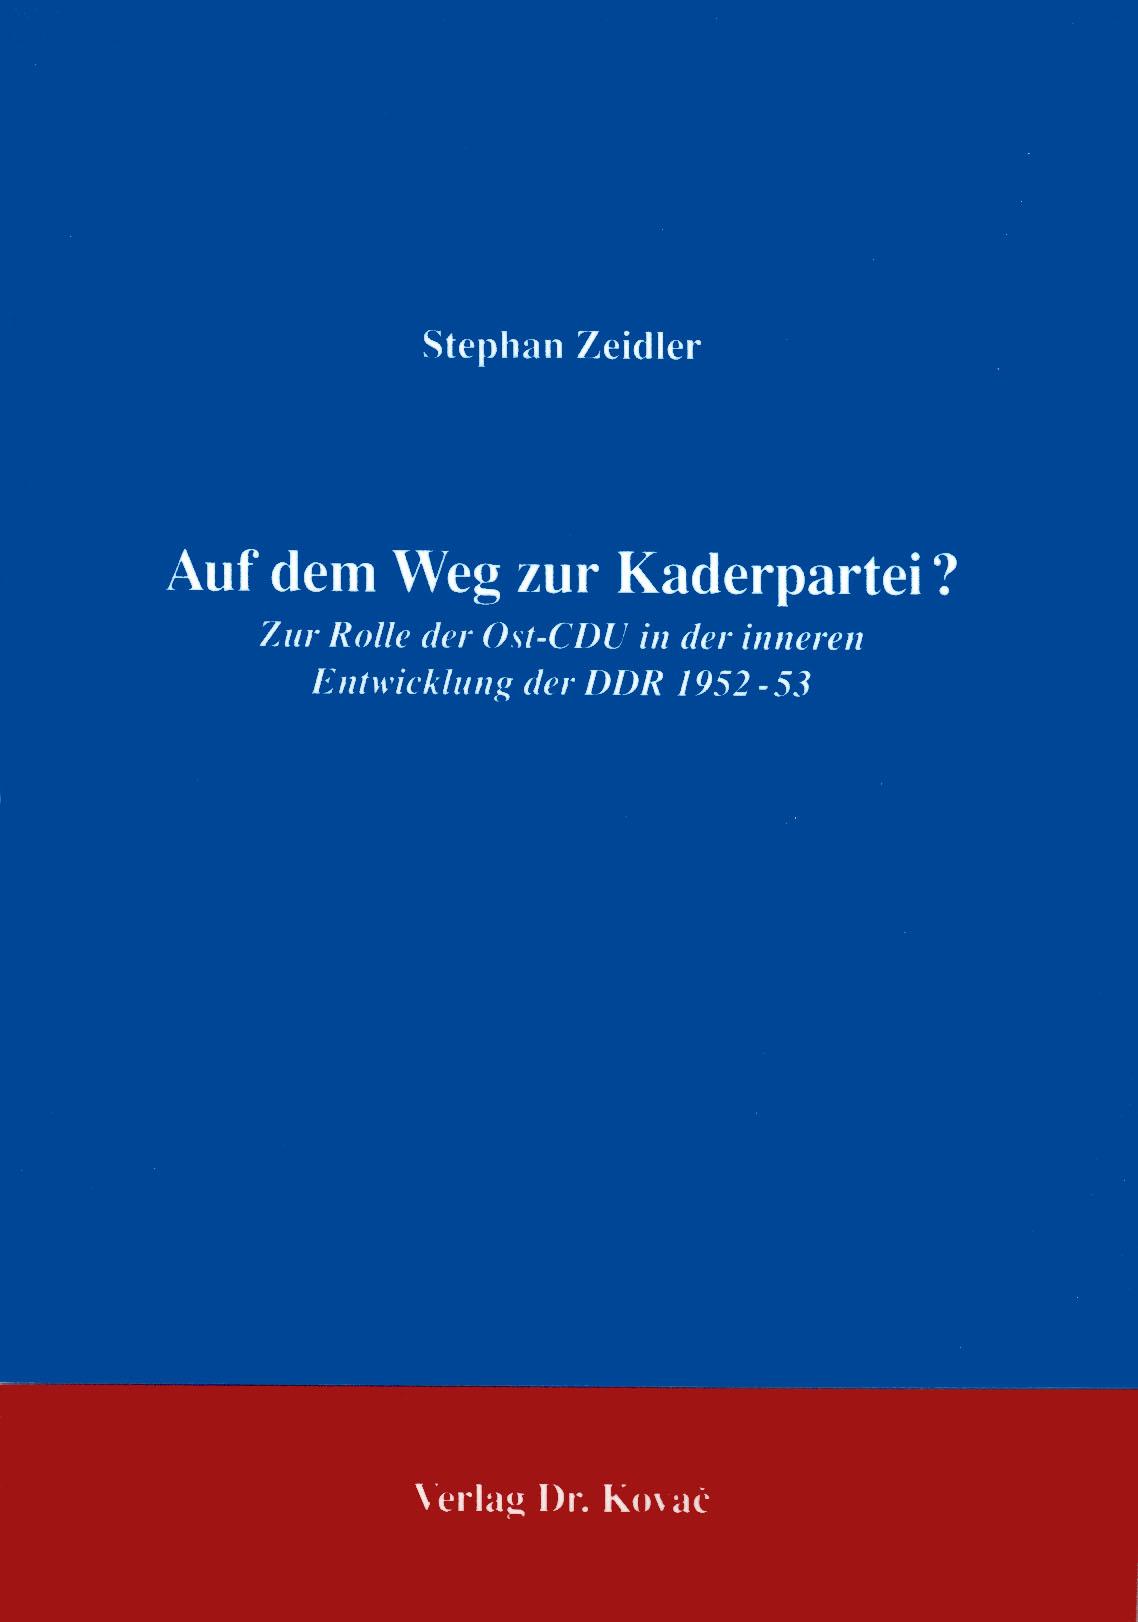 Cover: Auf dem Weg zur Kaderpartei?